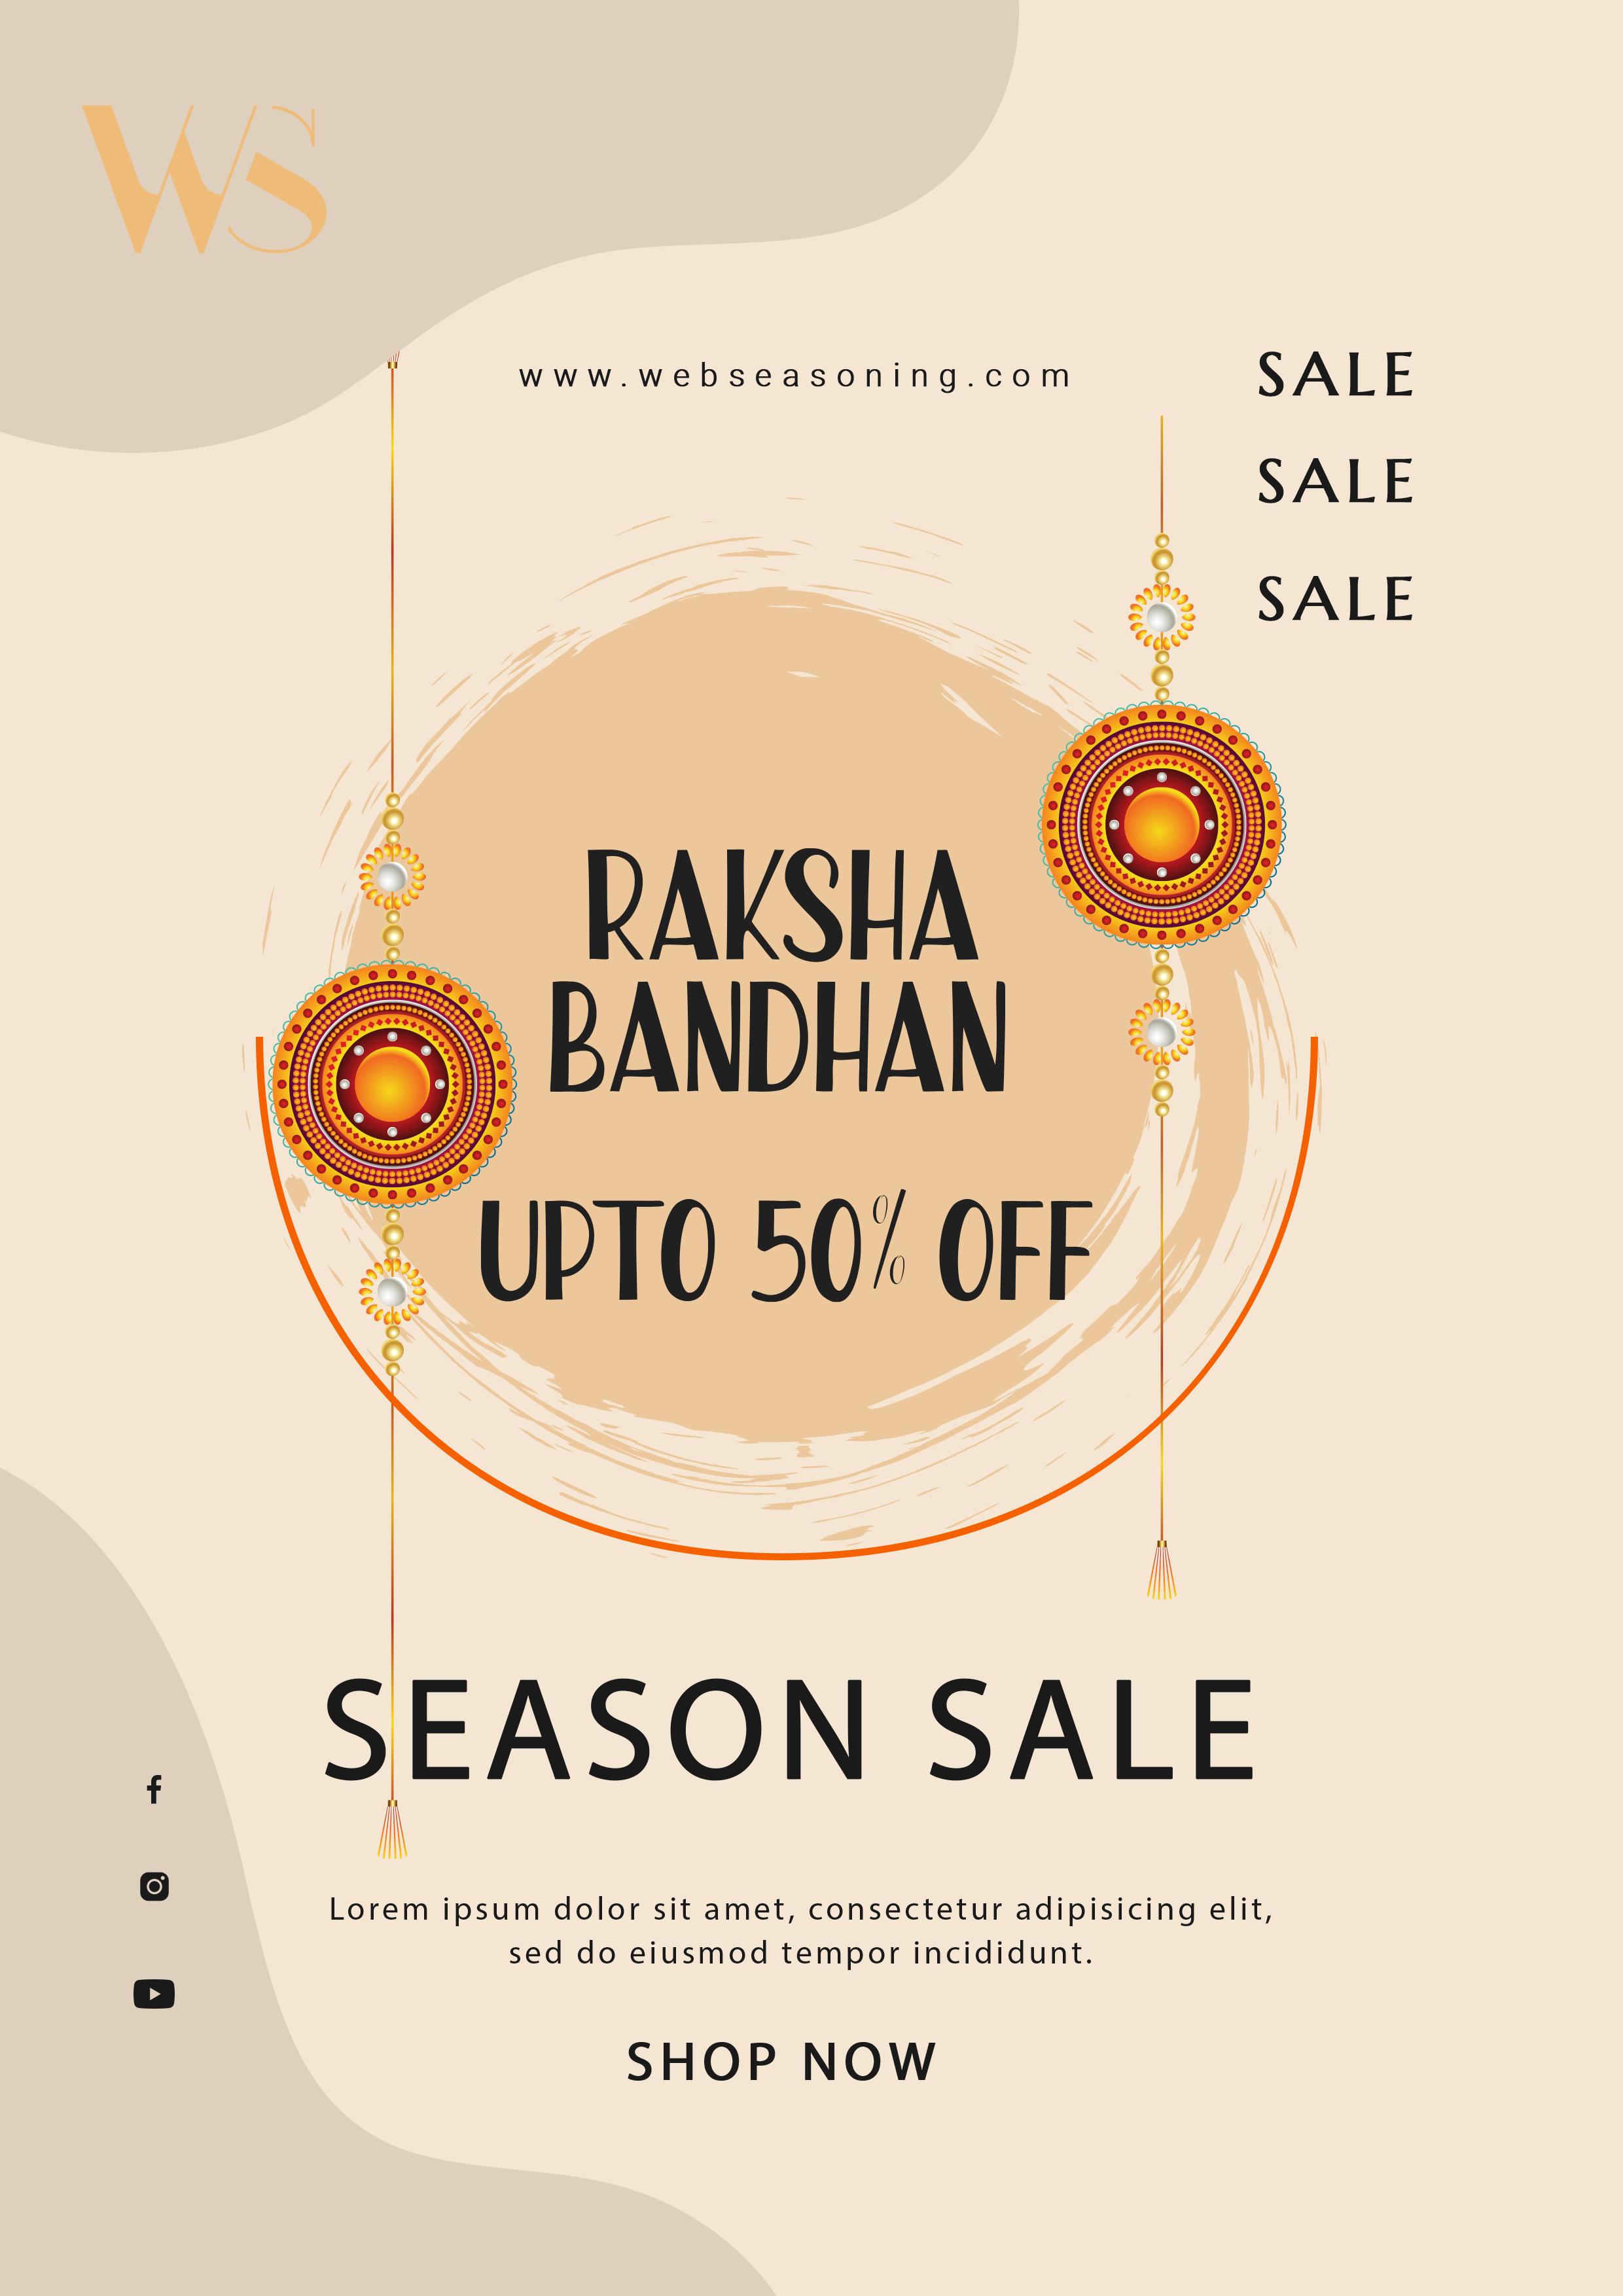 Raksha Bandhan Sale Flyer Design